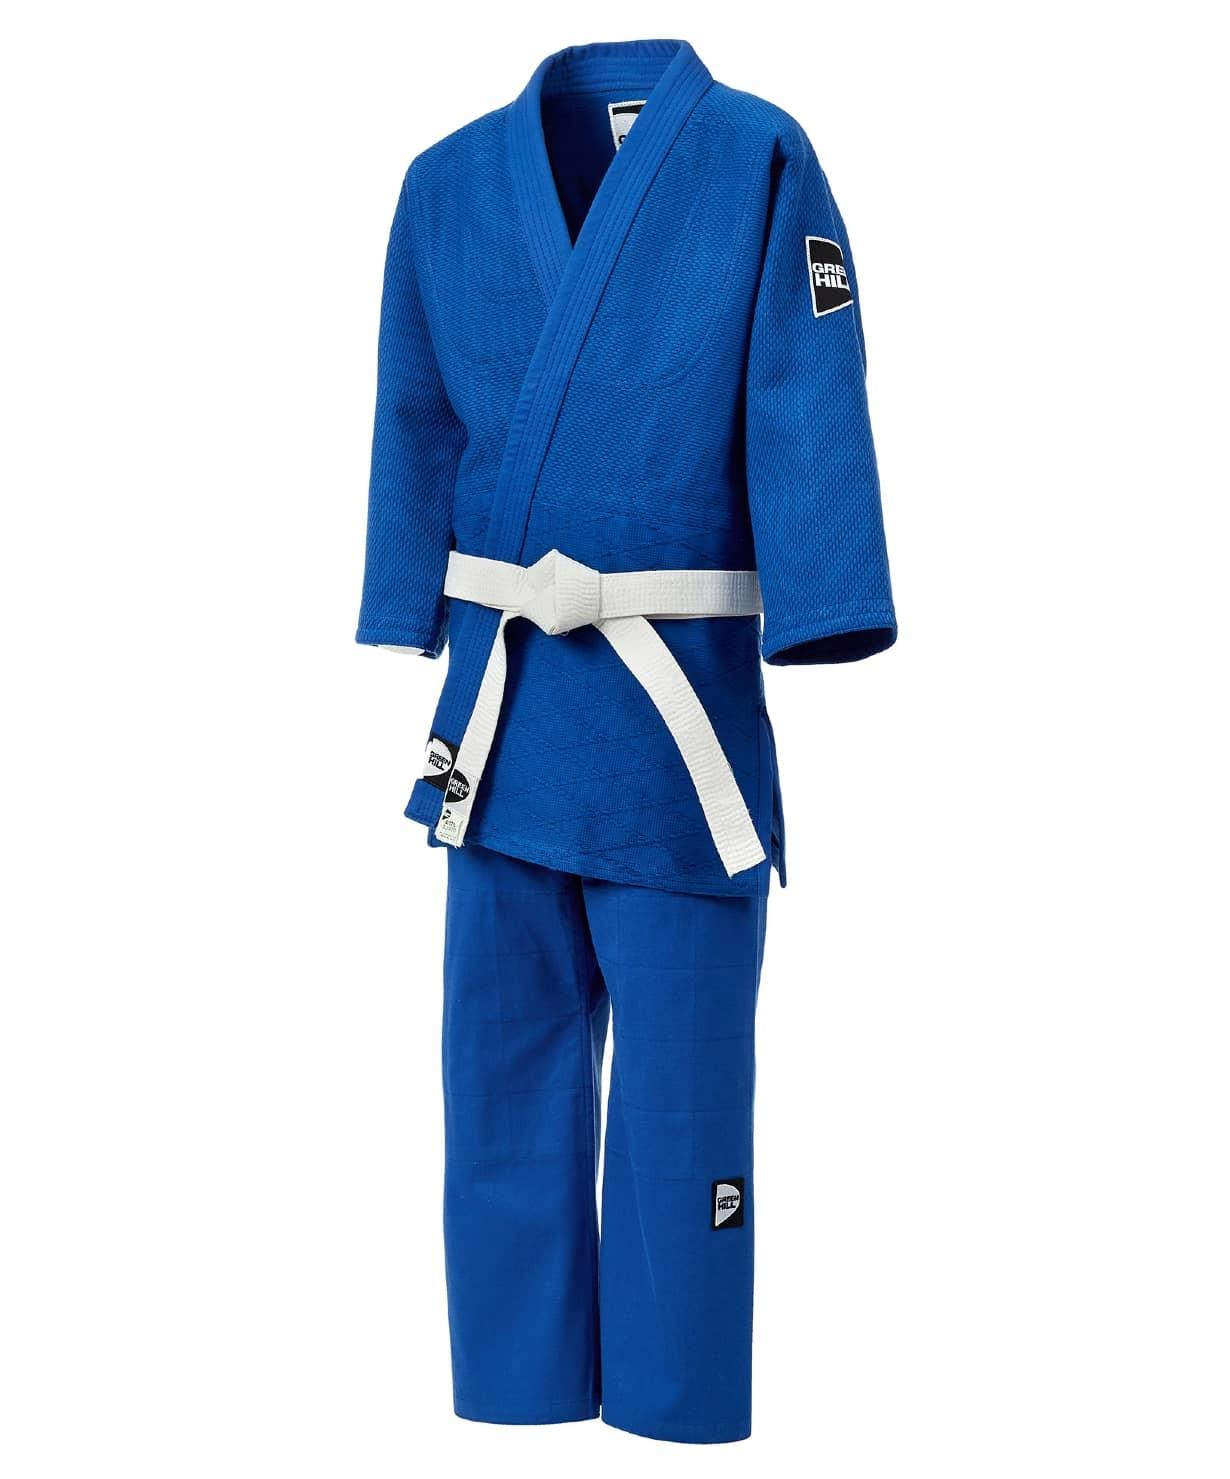 Кимоно для дзюдо JSTT-10761, синий, р.5/180